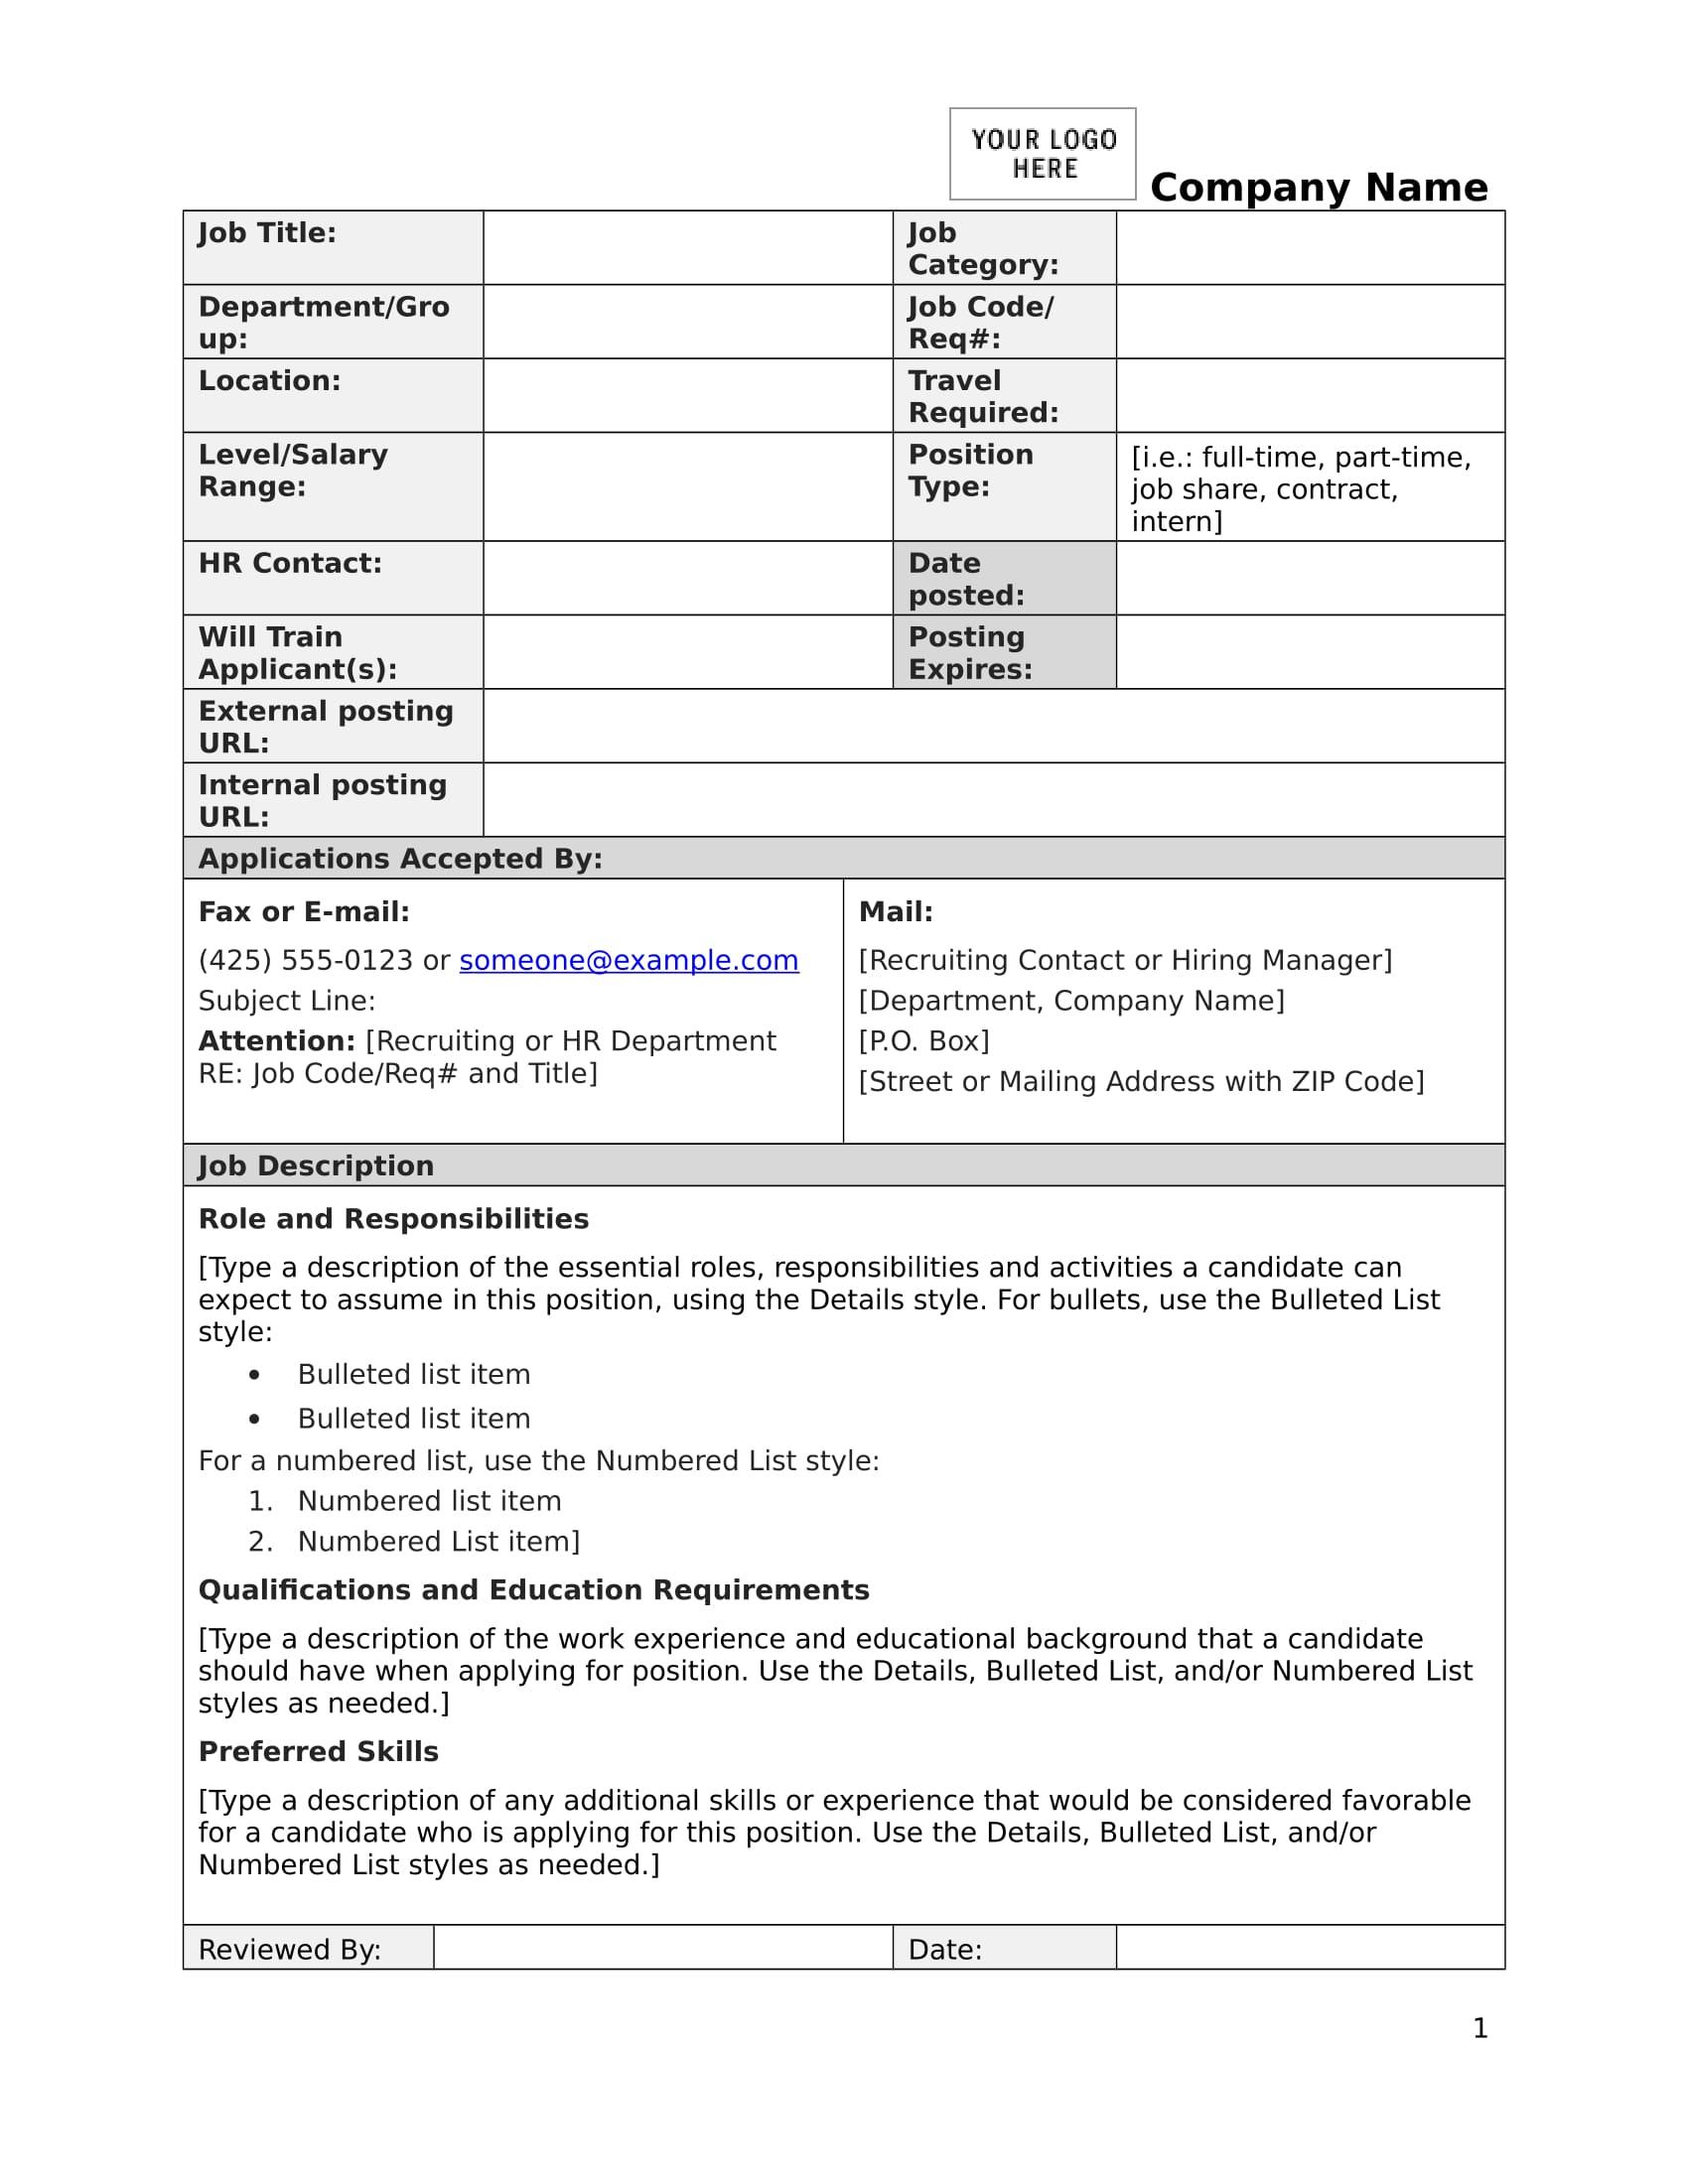 Job-Description-Form-Sample-1.jpg